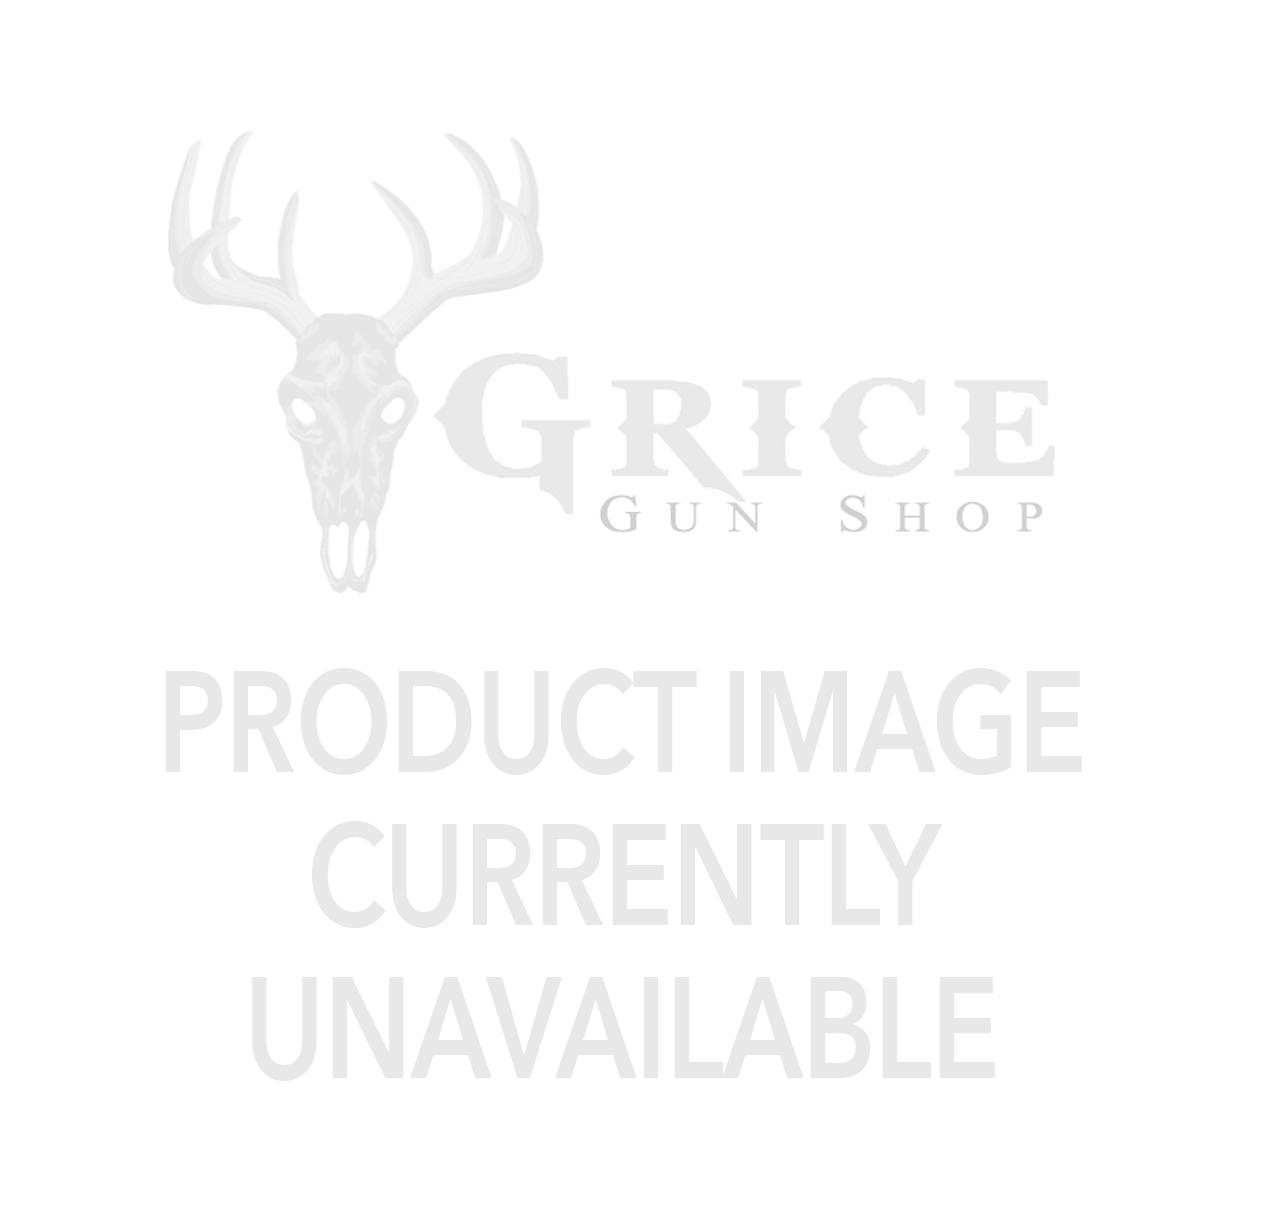 Birchwood Casey - 2x4 Gong Target Hanger 2-in-1 Bolt & Hook